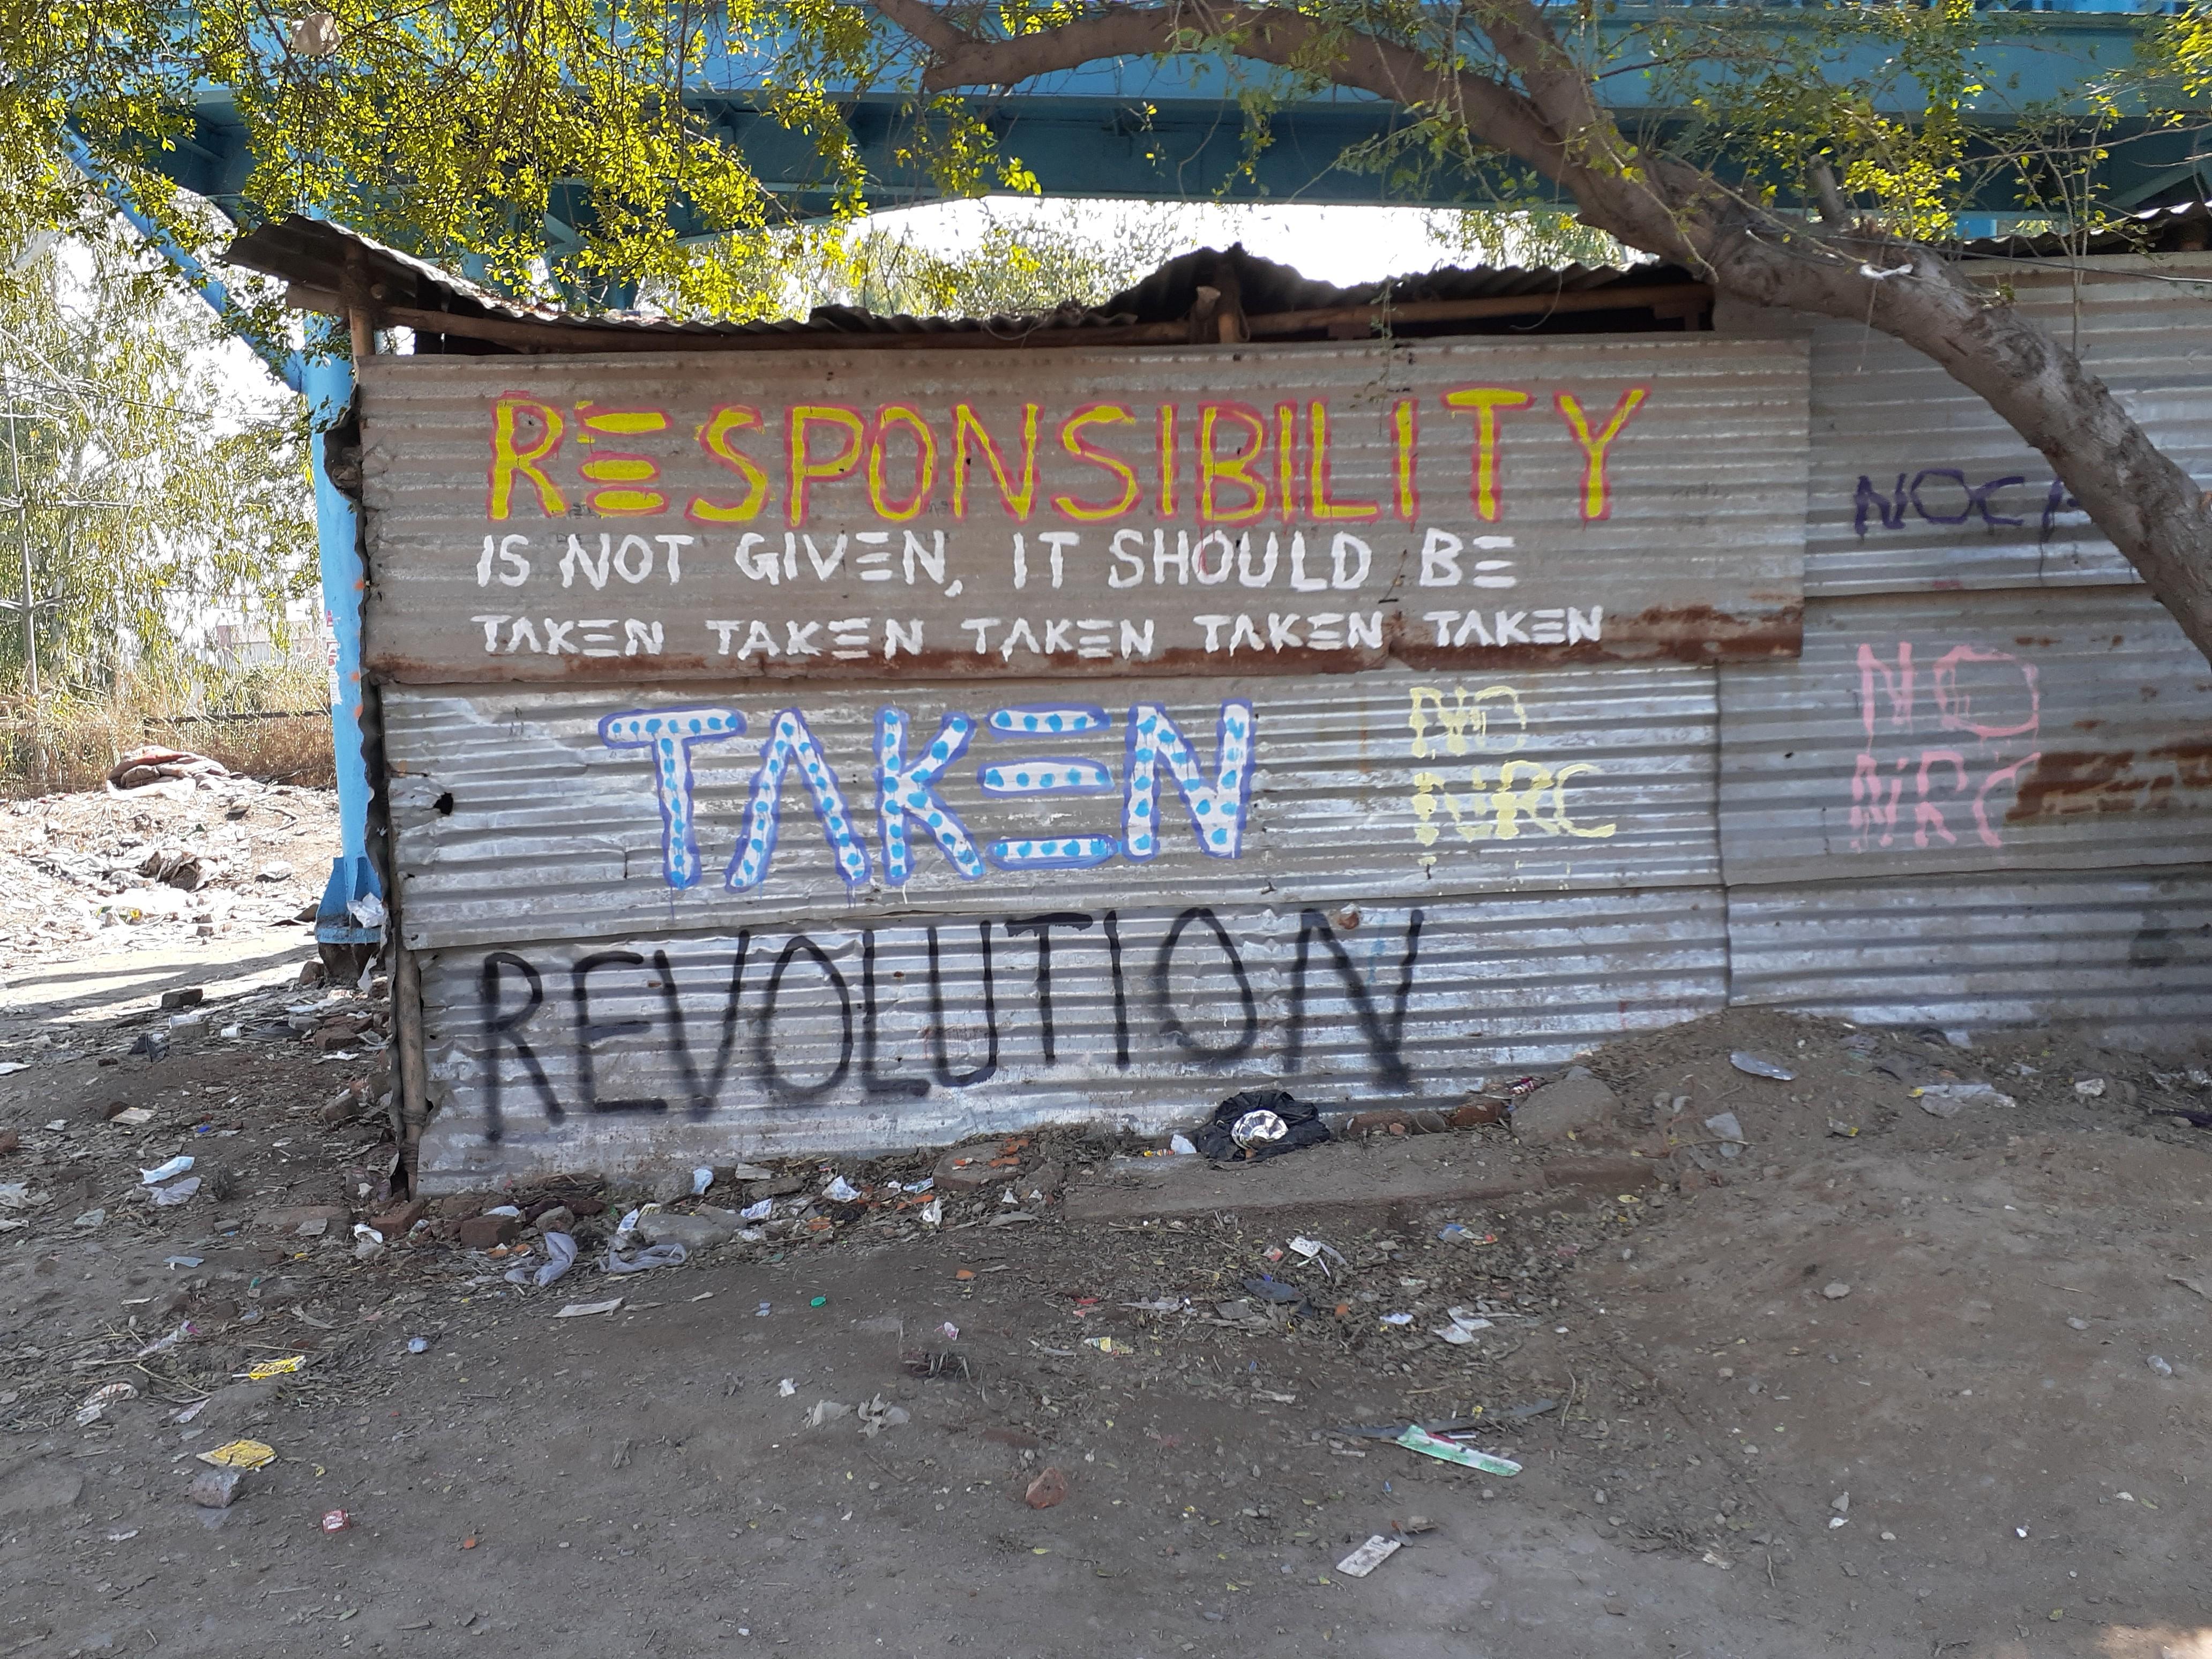 Revolution or revulsion